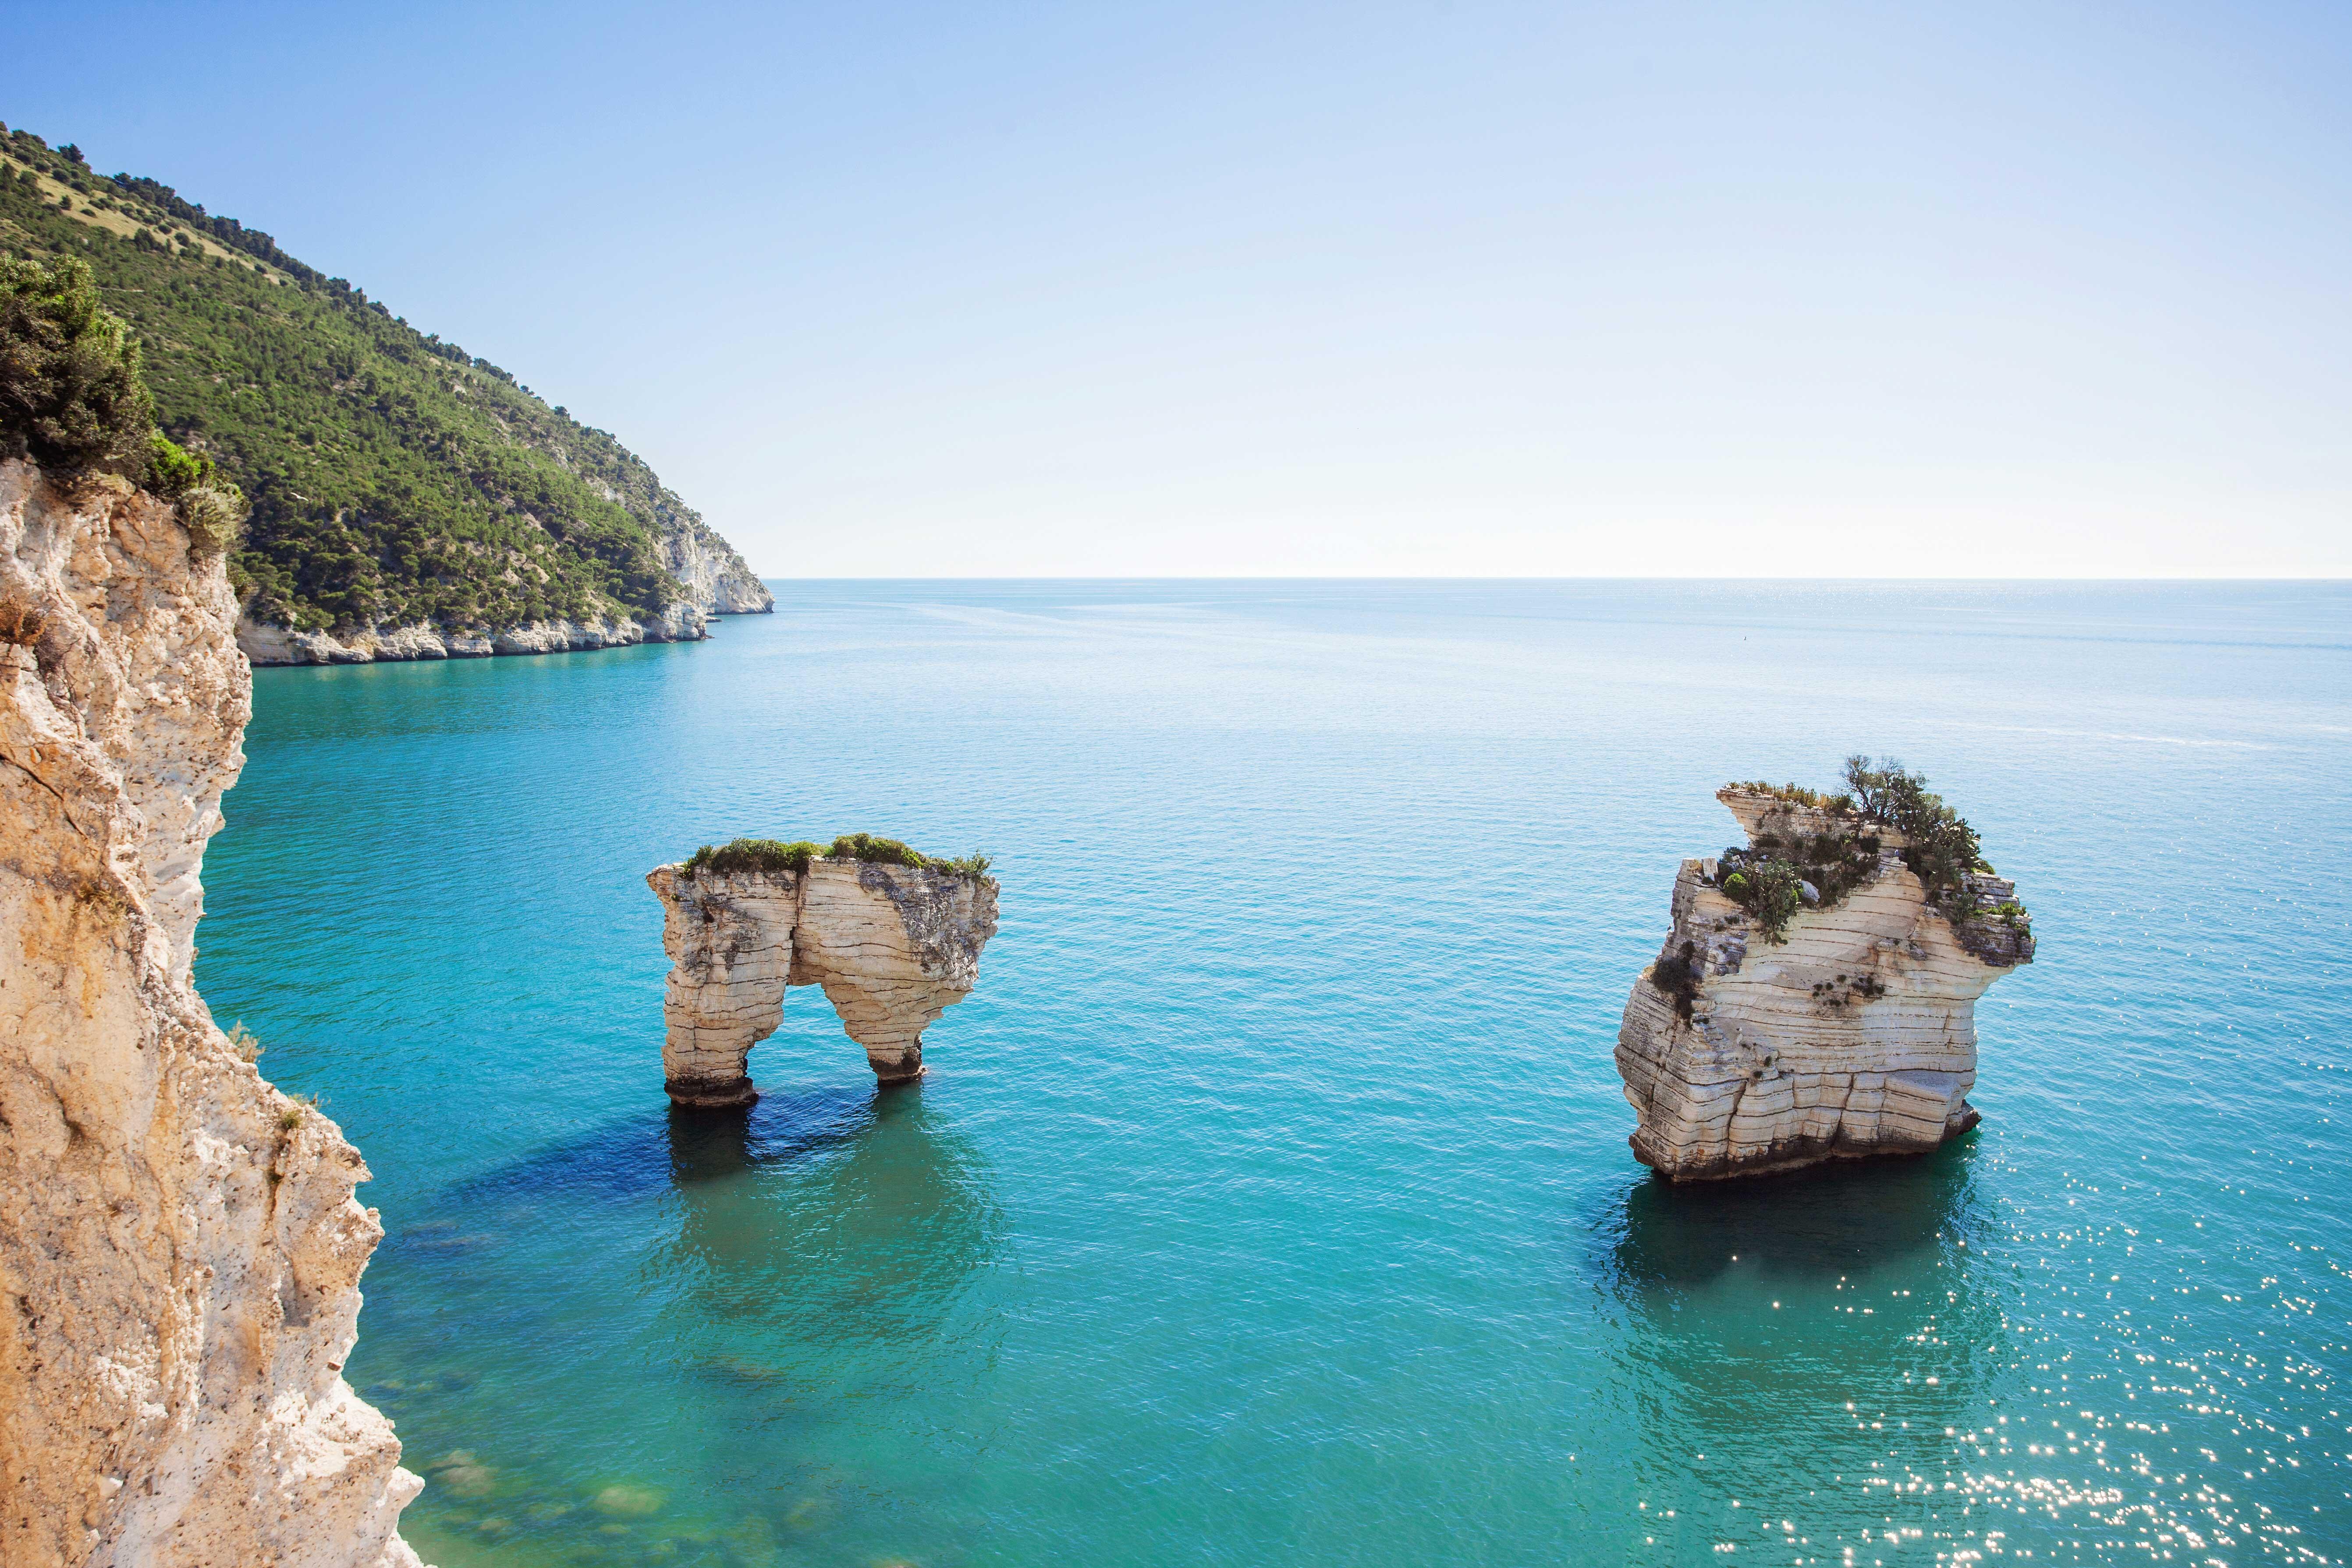 Cartina Puglia Spiagge.Le 15 Spiagge Piu Belle Della Puglia